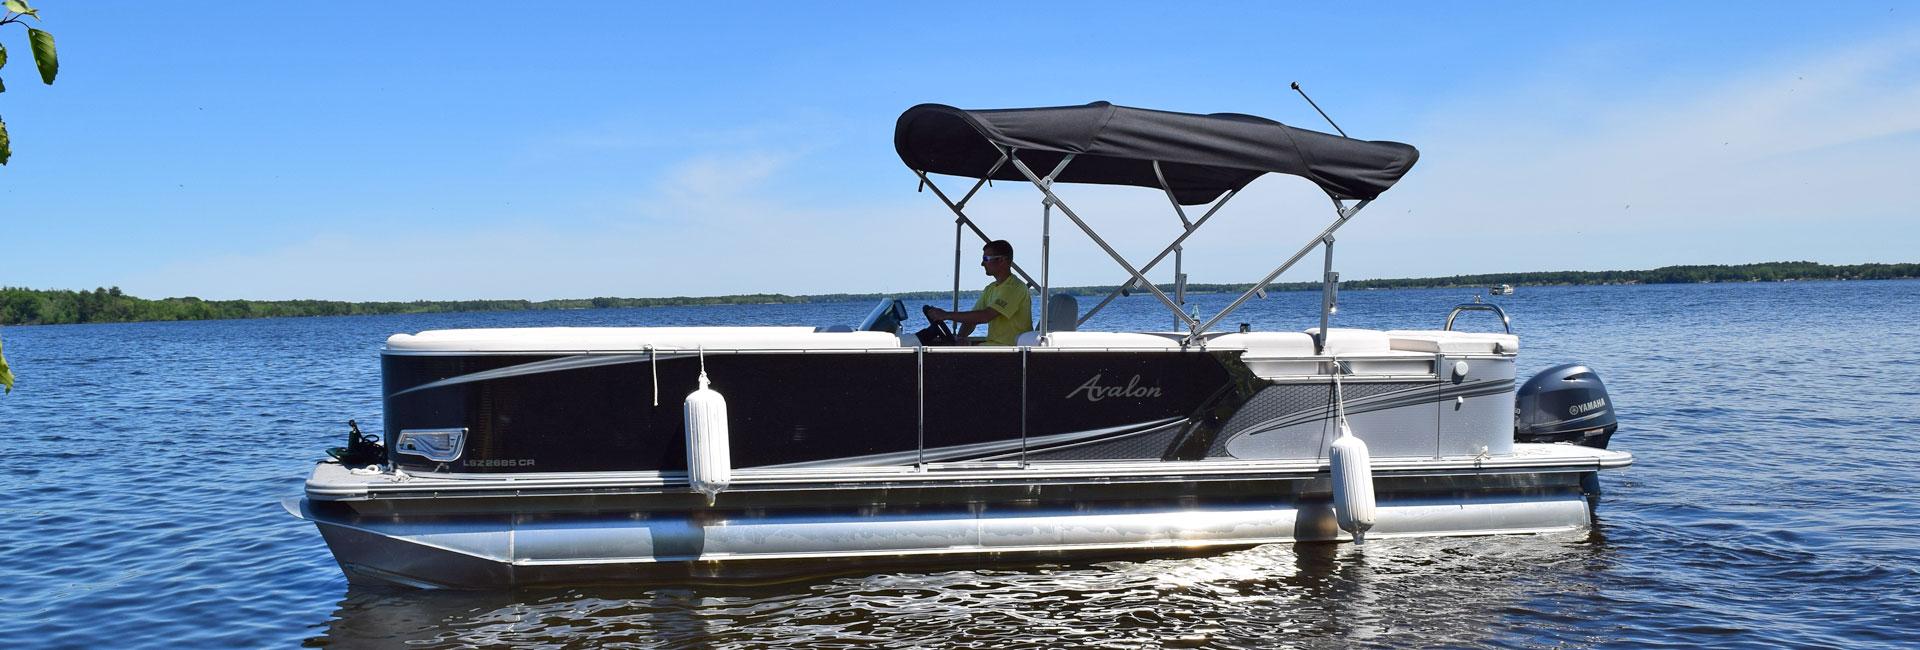 hight resolution of avalon pontoon rentals